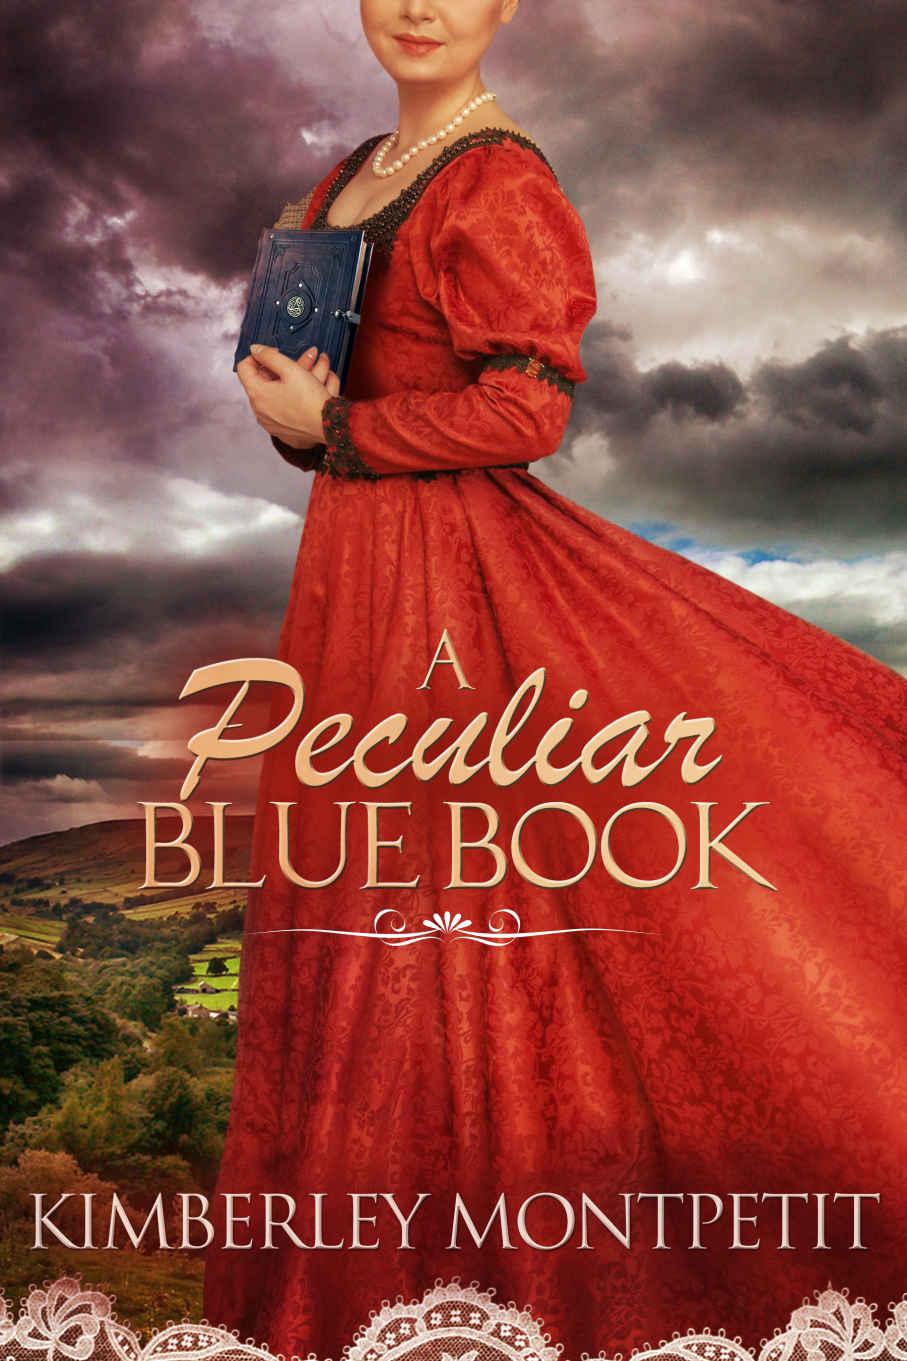 A Peculiar Blue Book